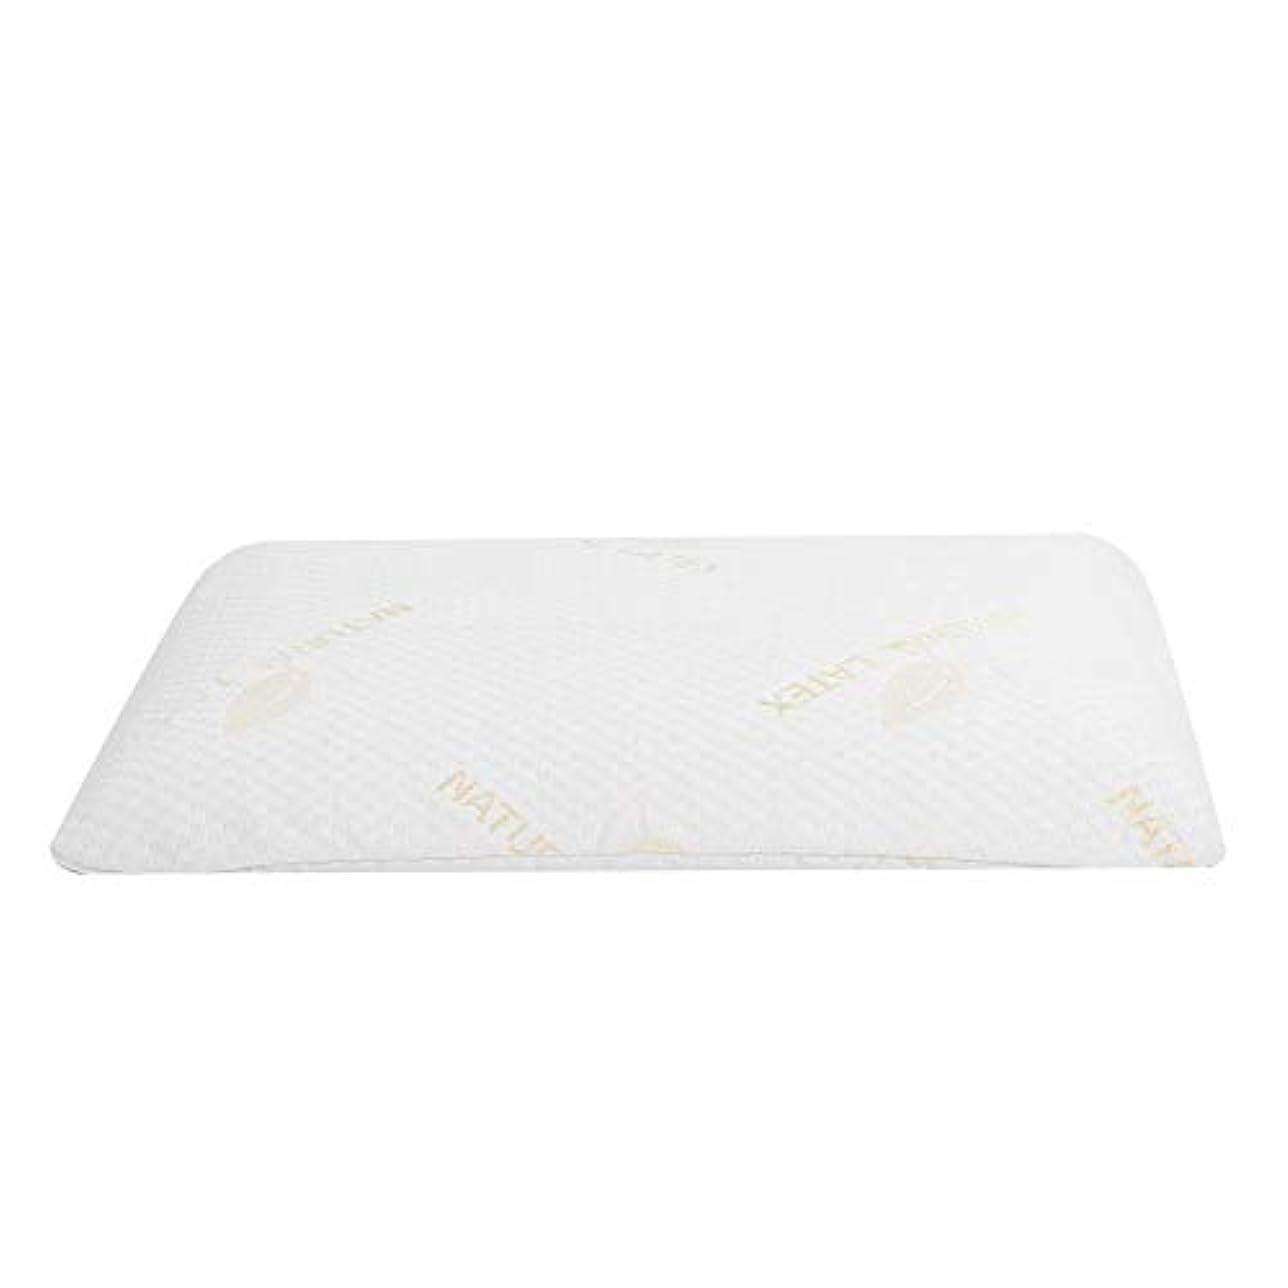 眼コントローラもろいラテックス枕、首と肩の痛みのための睡眠の自然な高い整形外科顆粒マッサージデザインのための豪華な記憶枕